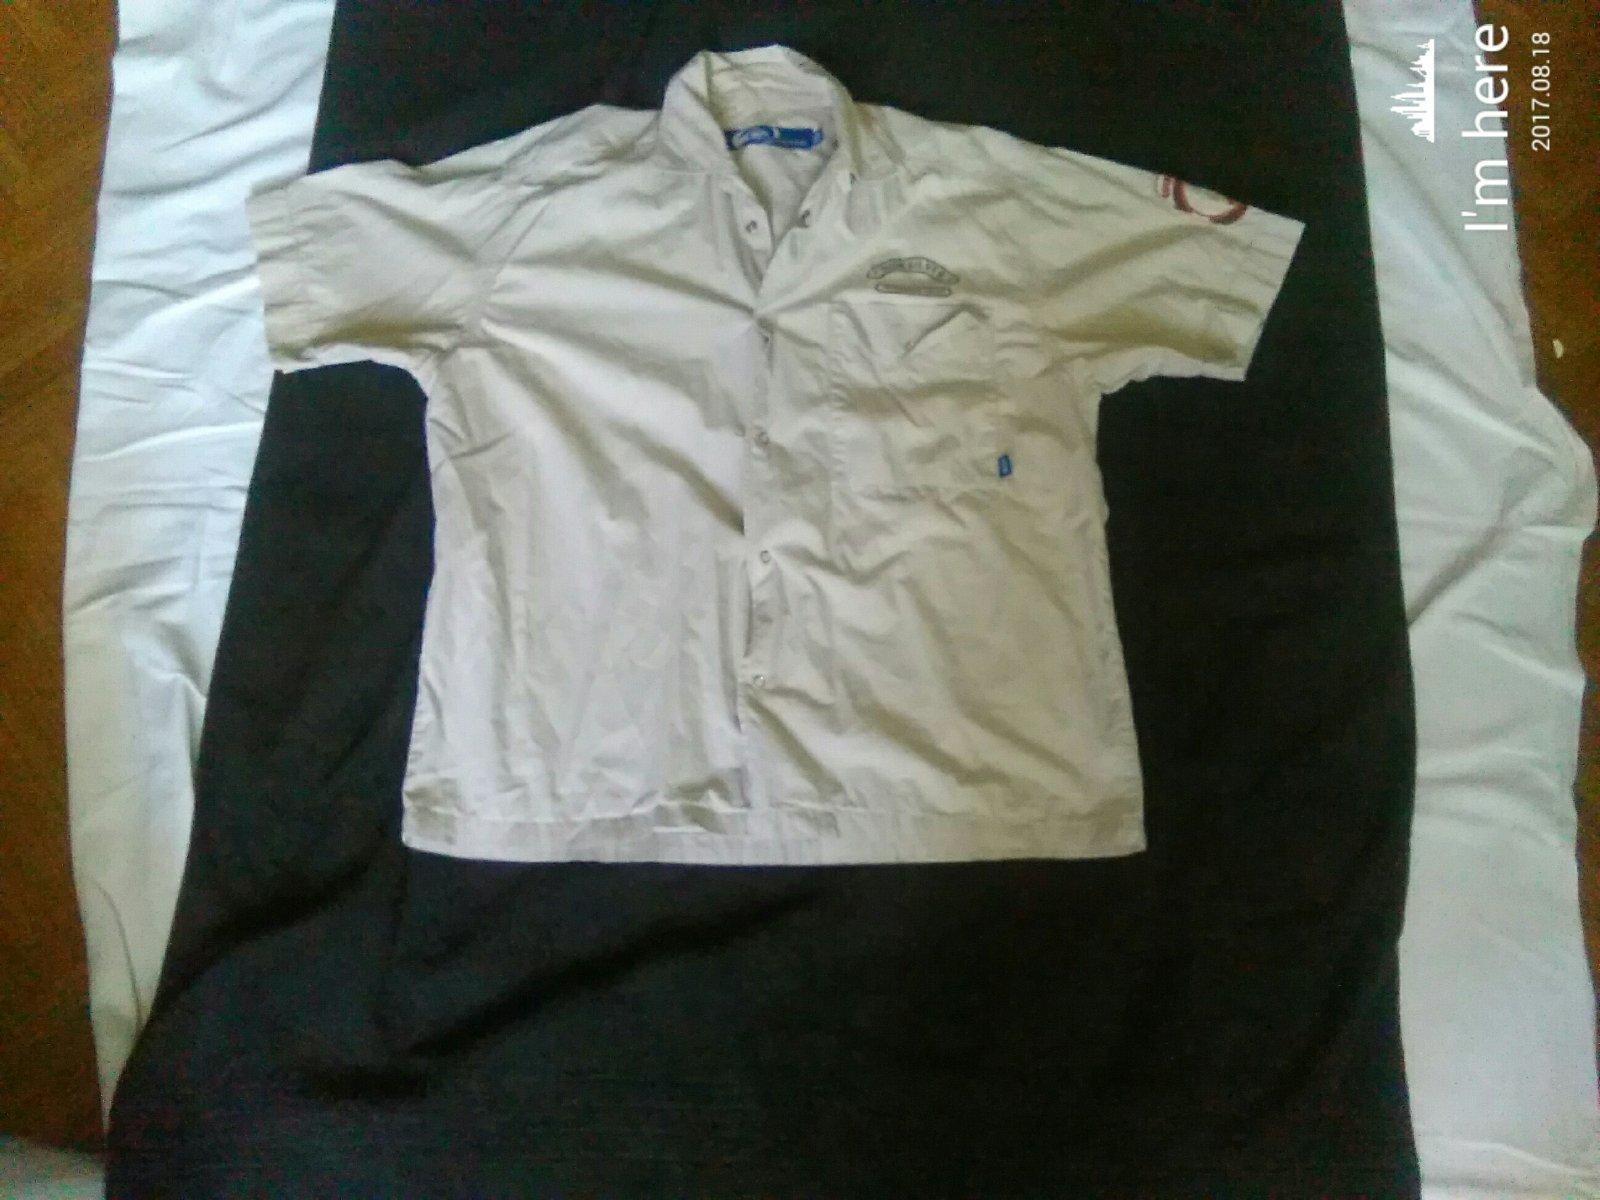 ceb854992c00 Výpredaj na rifle 5 ks za 2€ Zľava 50% na oblečenie a knihy 30% ďakujem. Pánska  košeľa quiksilver ...